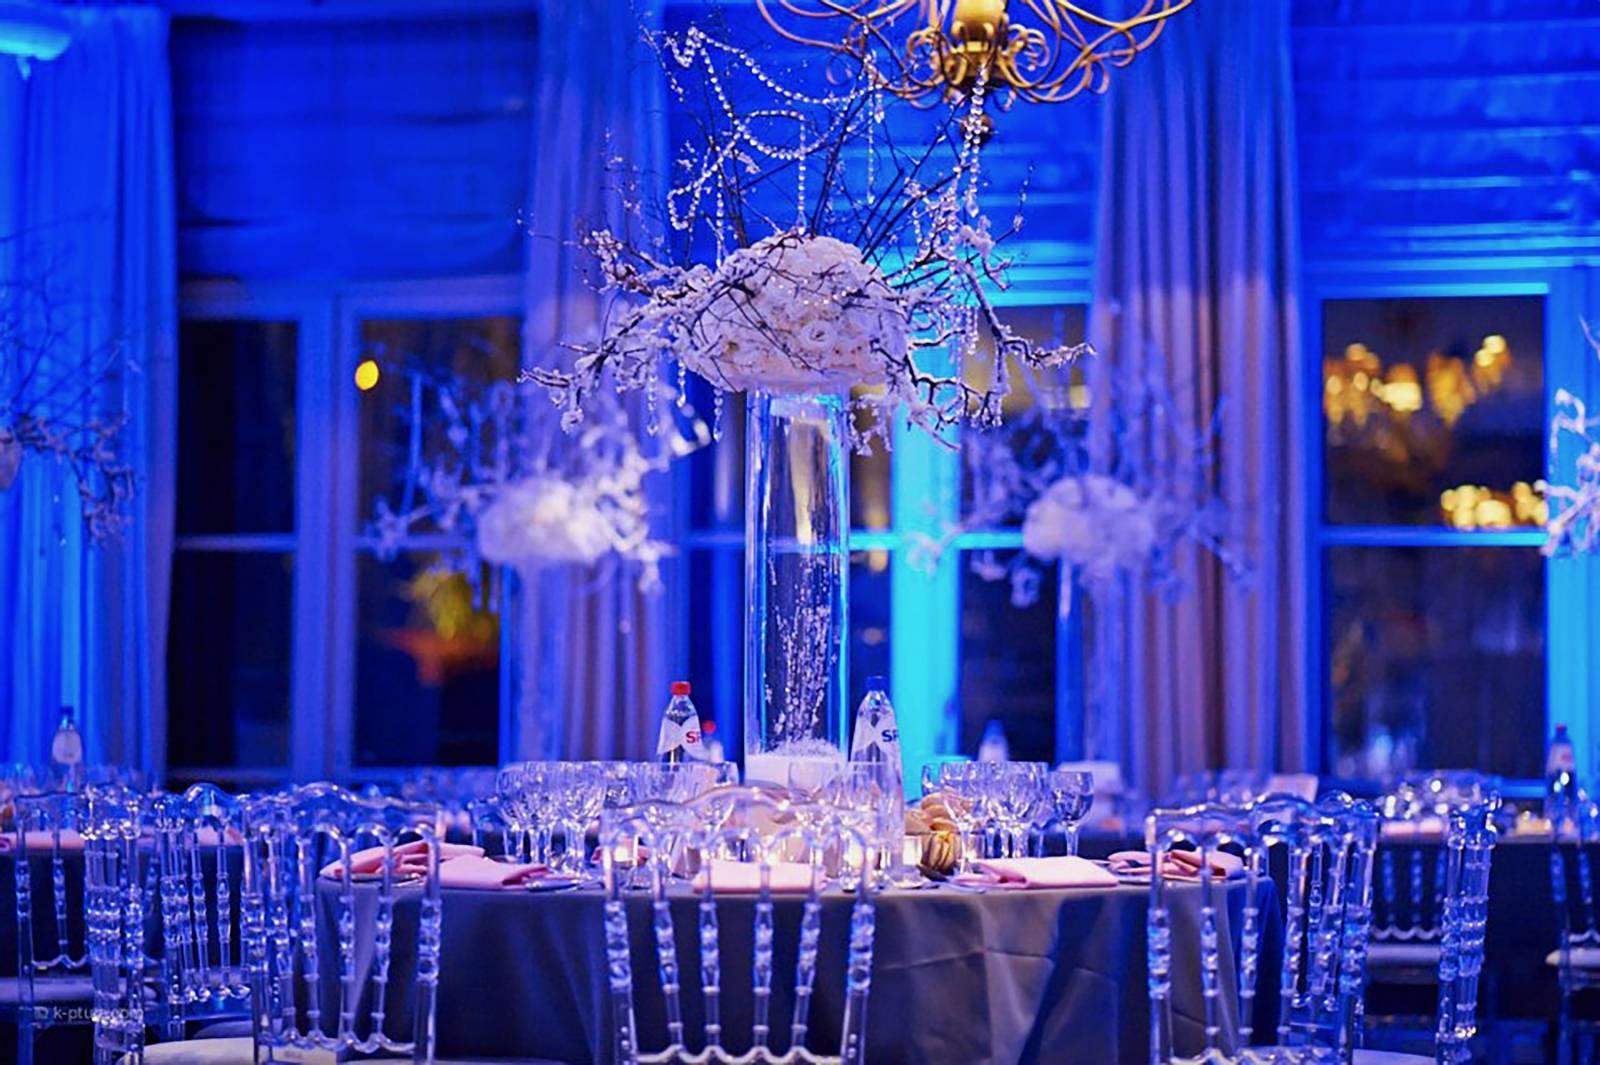 Floral Artists - Bloemen huwelijk trouw bruiloft - Bruidsboeket - Bloemendecoratie - House of Weddings - 25